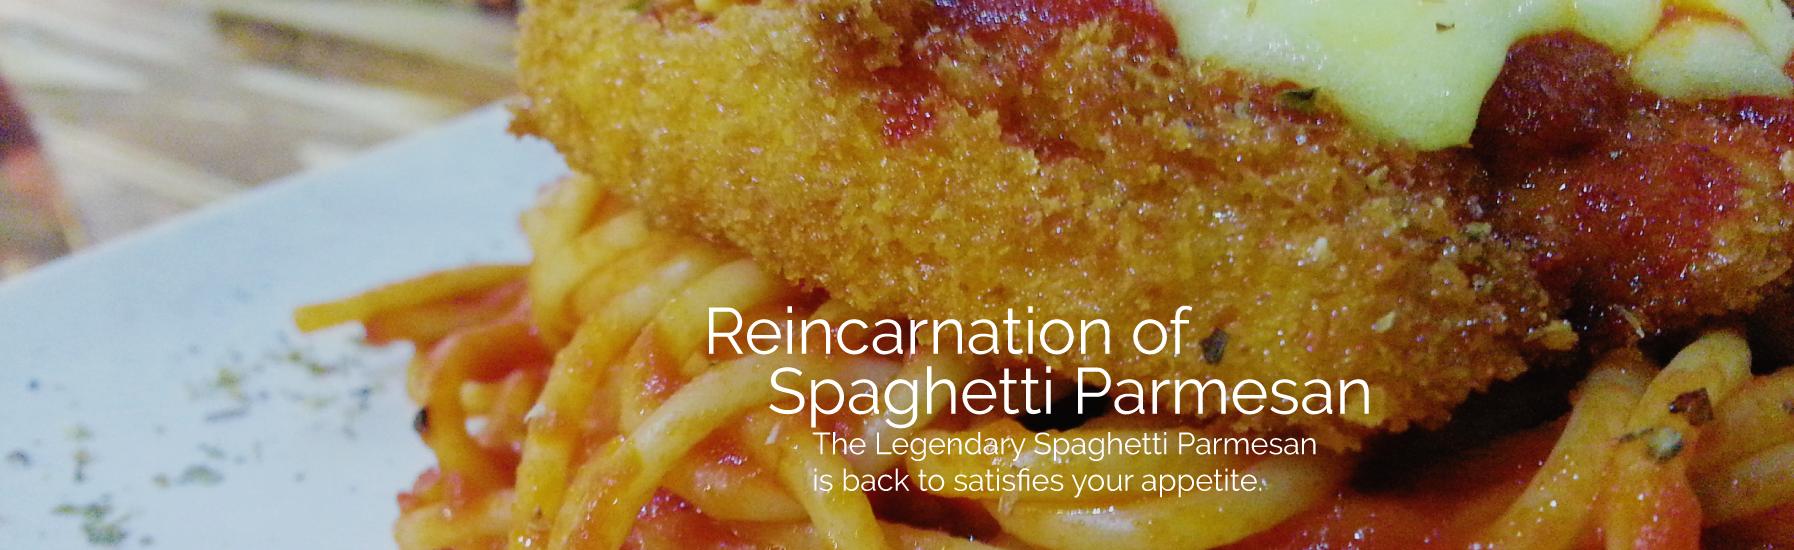 spaghetti-parmesan.png